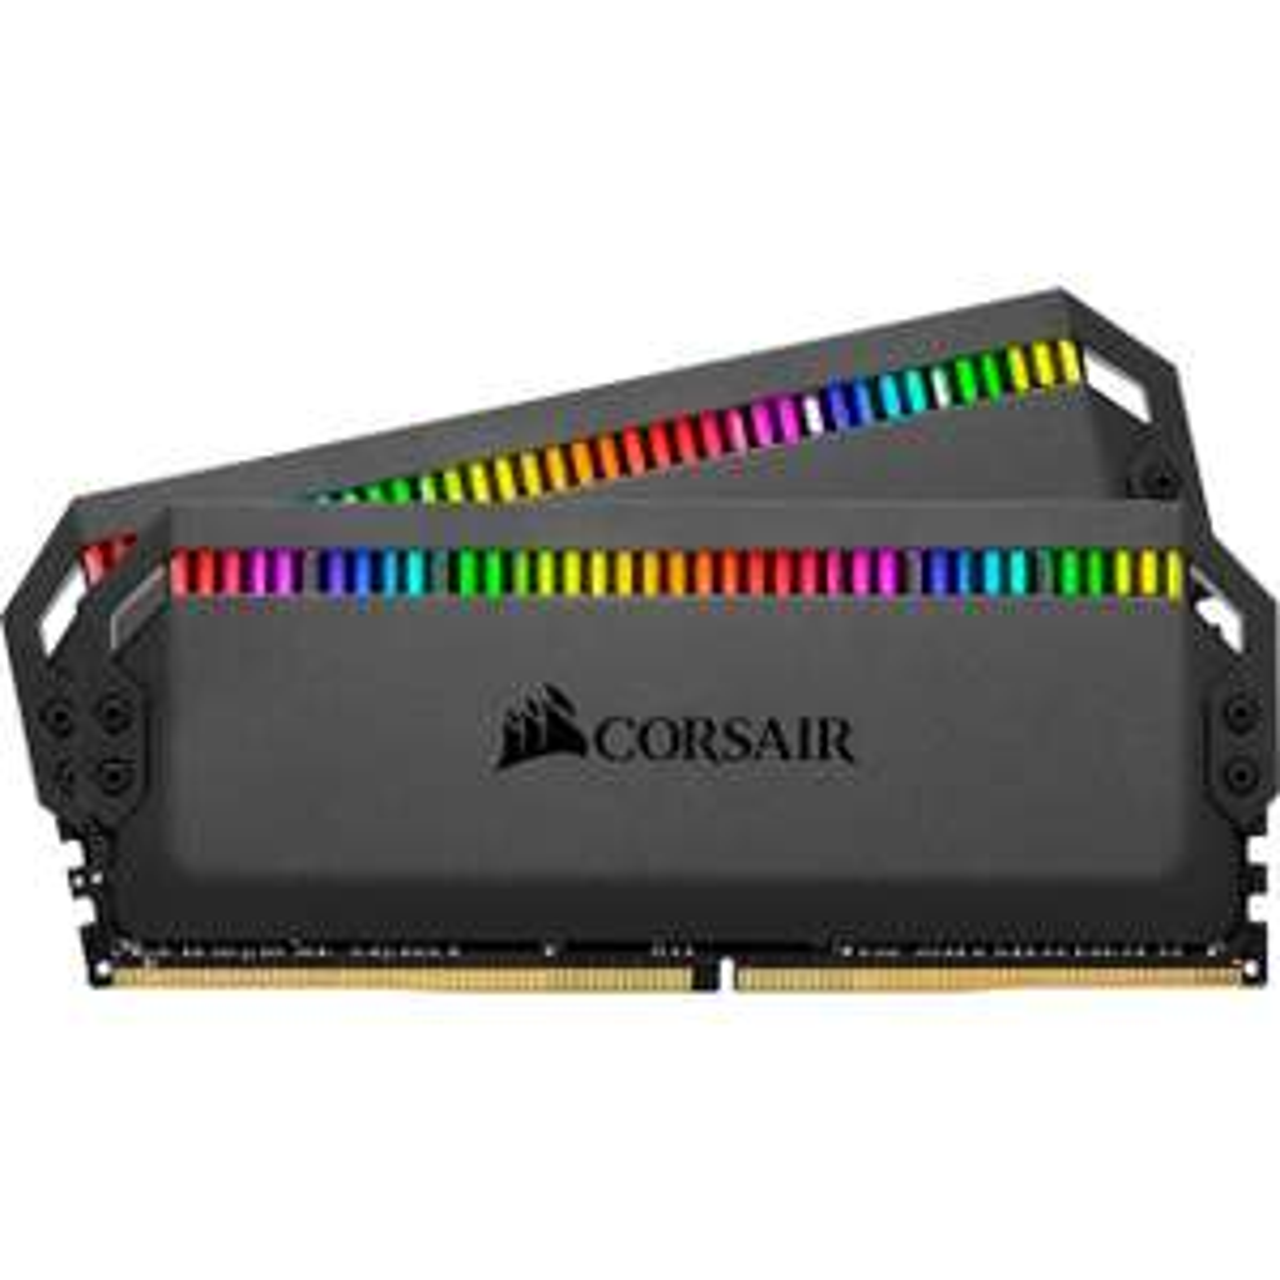 Corsair Dominator Platinum RGB 16GB (2x8GB) DDR4 4266MHz CL19 Arbeitsspeicher